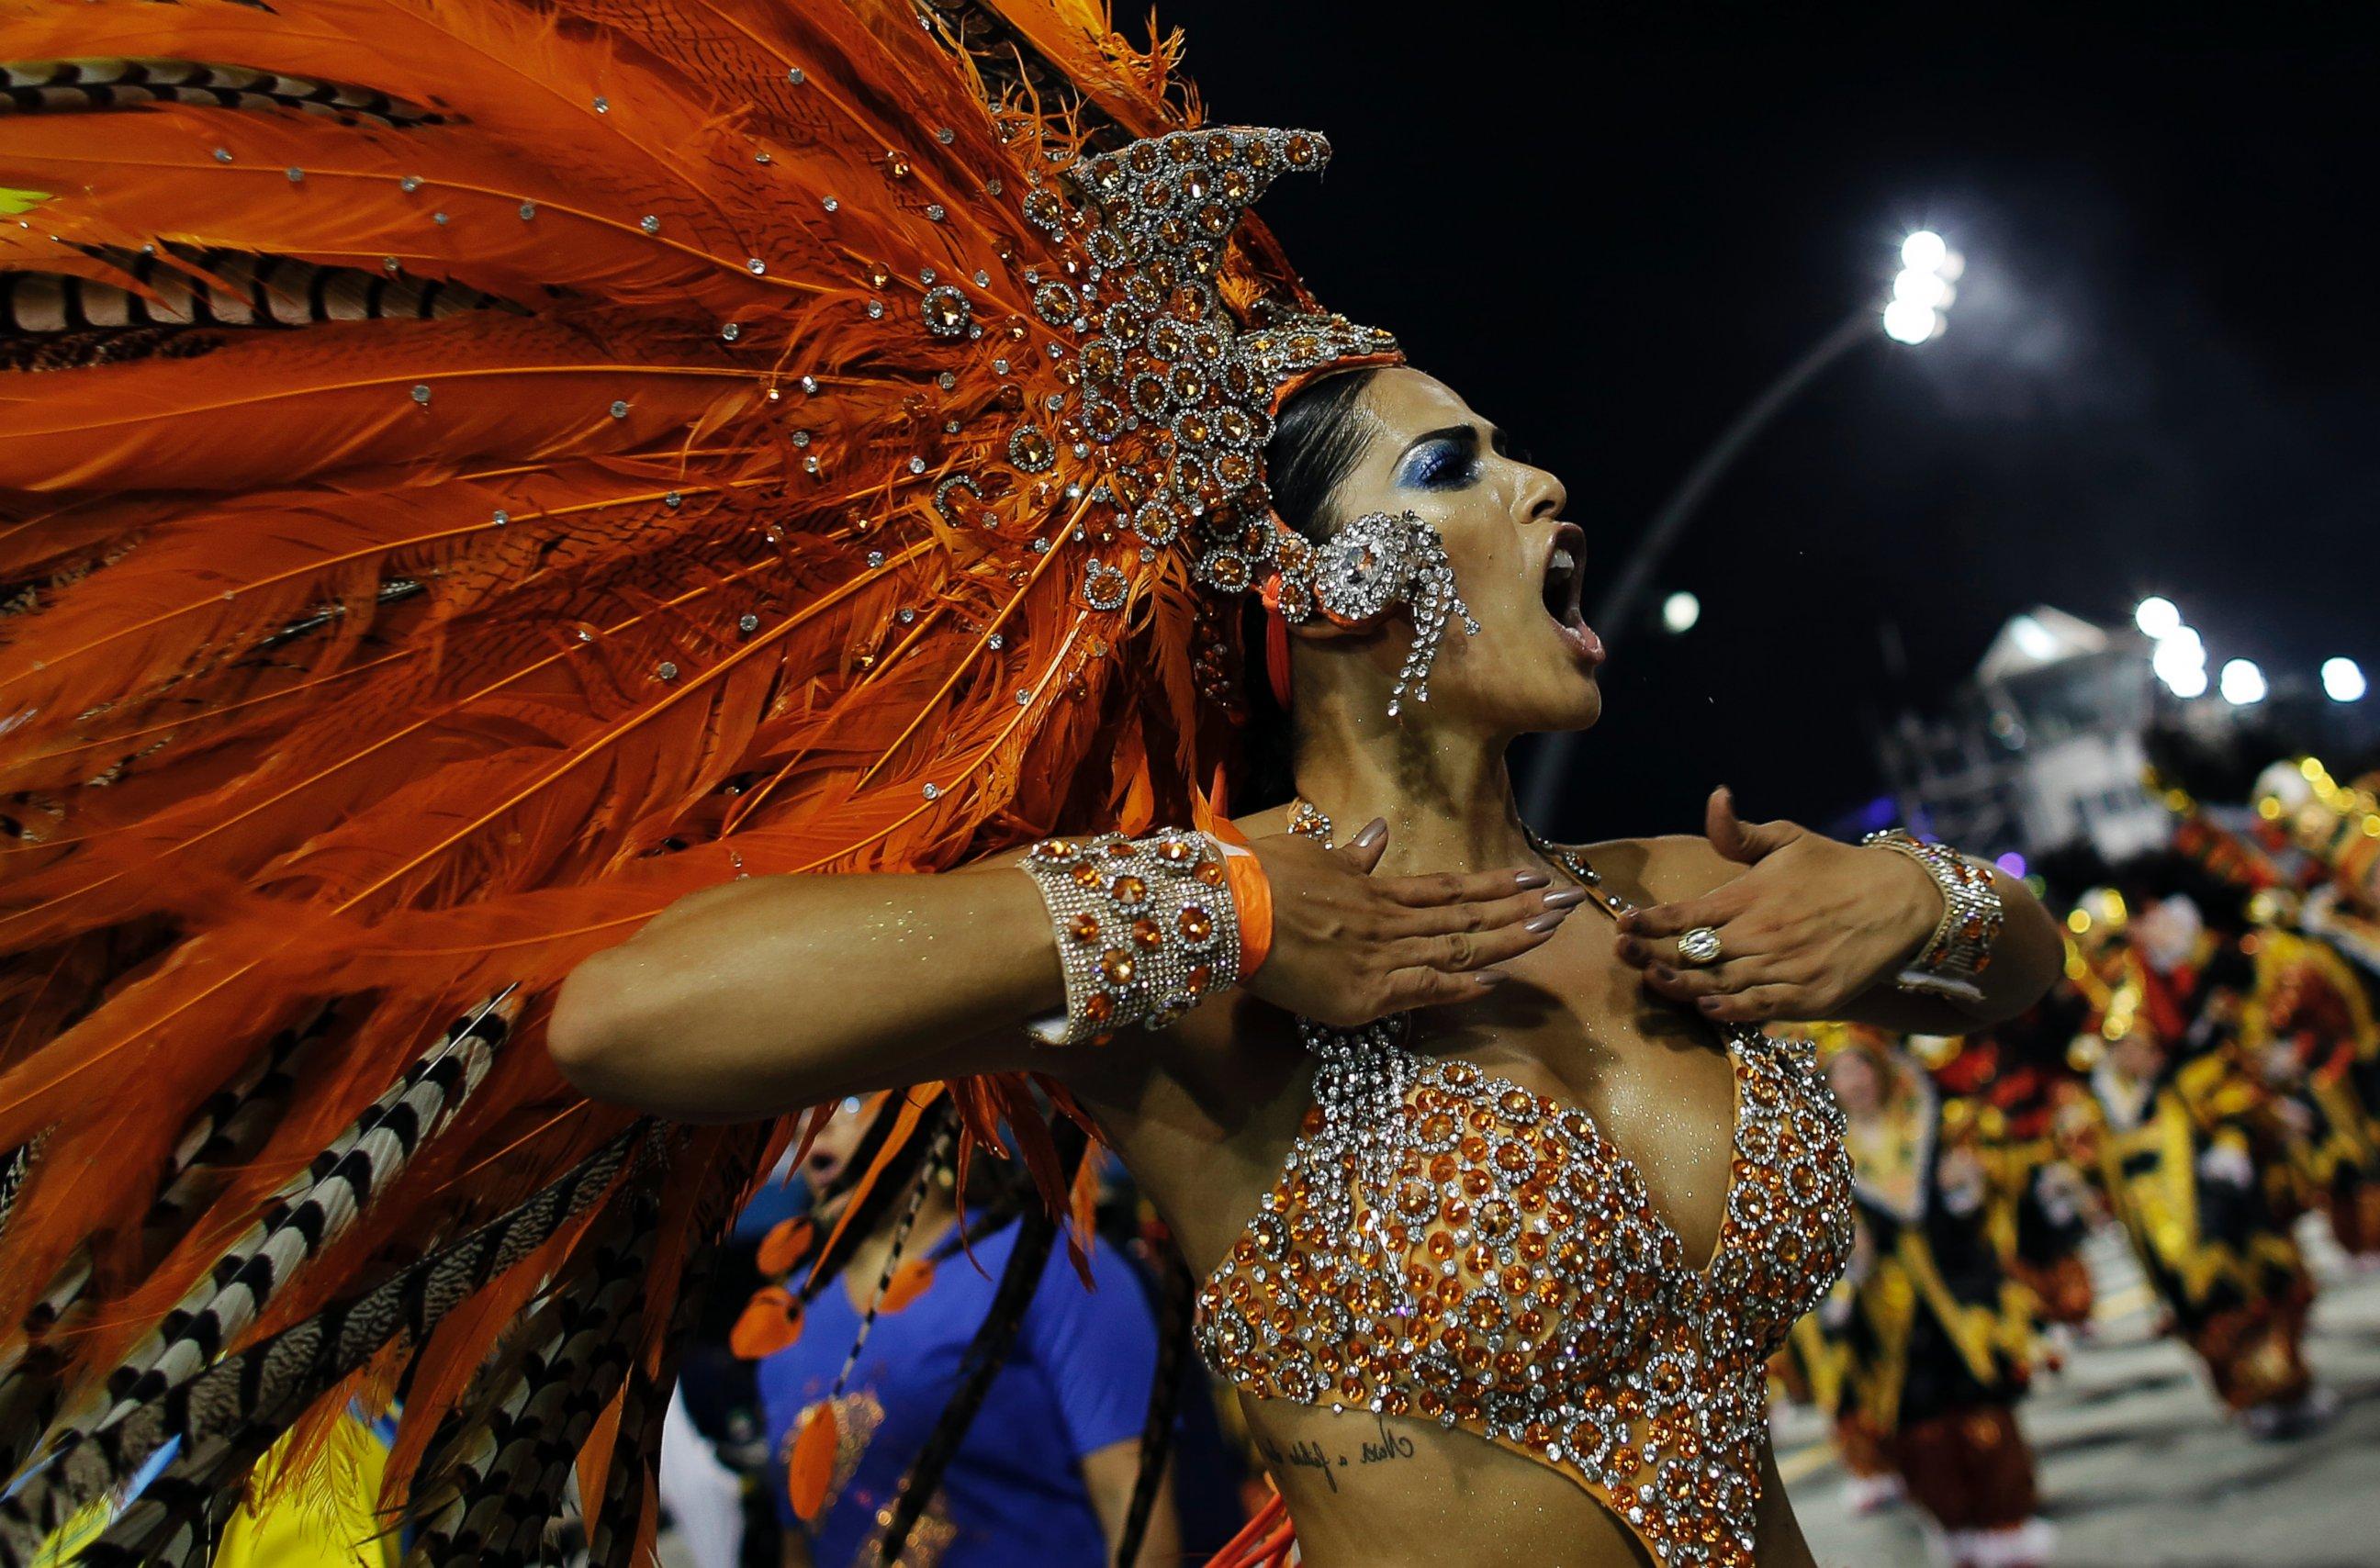 brasil porn carnaval